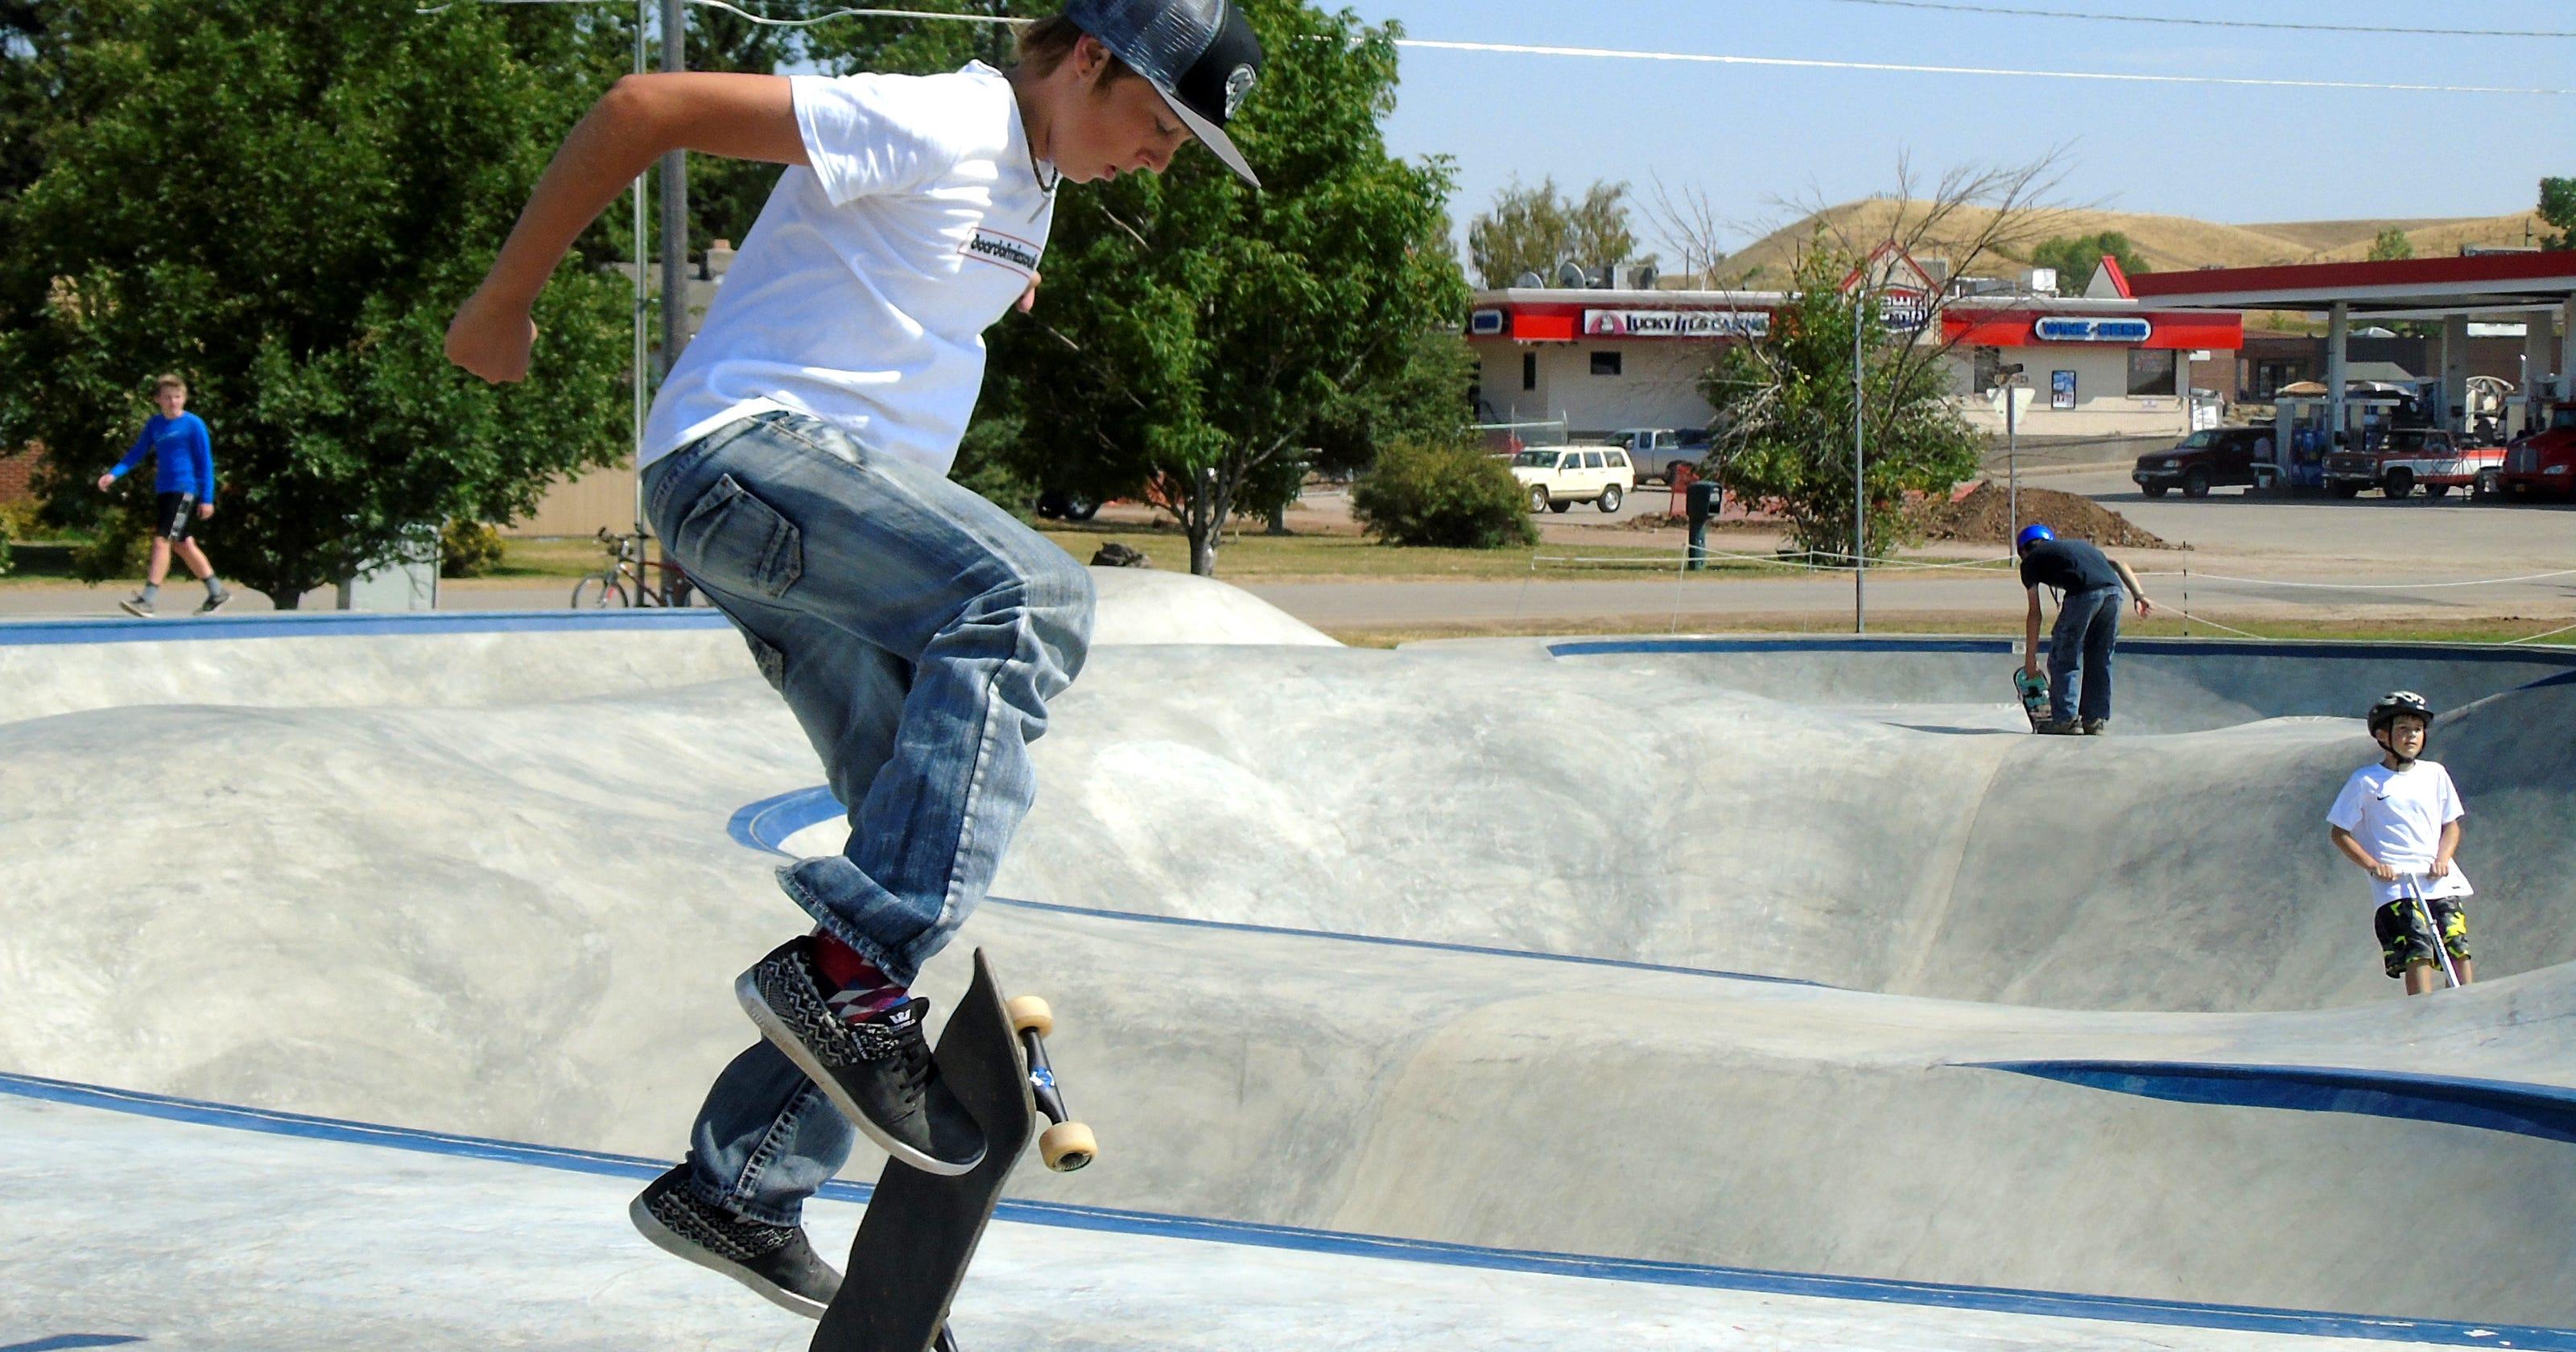 Dalton Skatepark